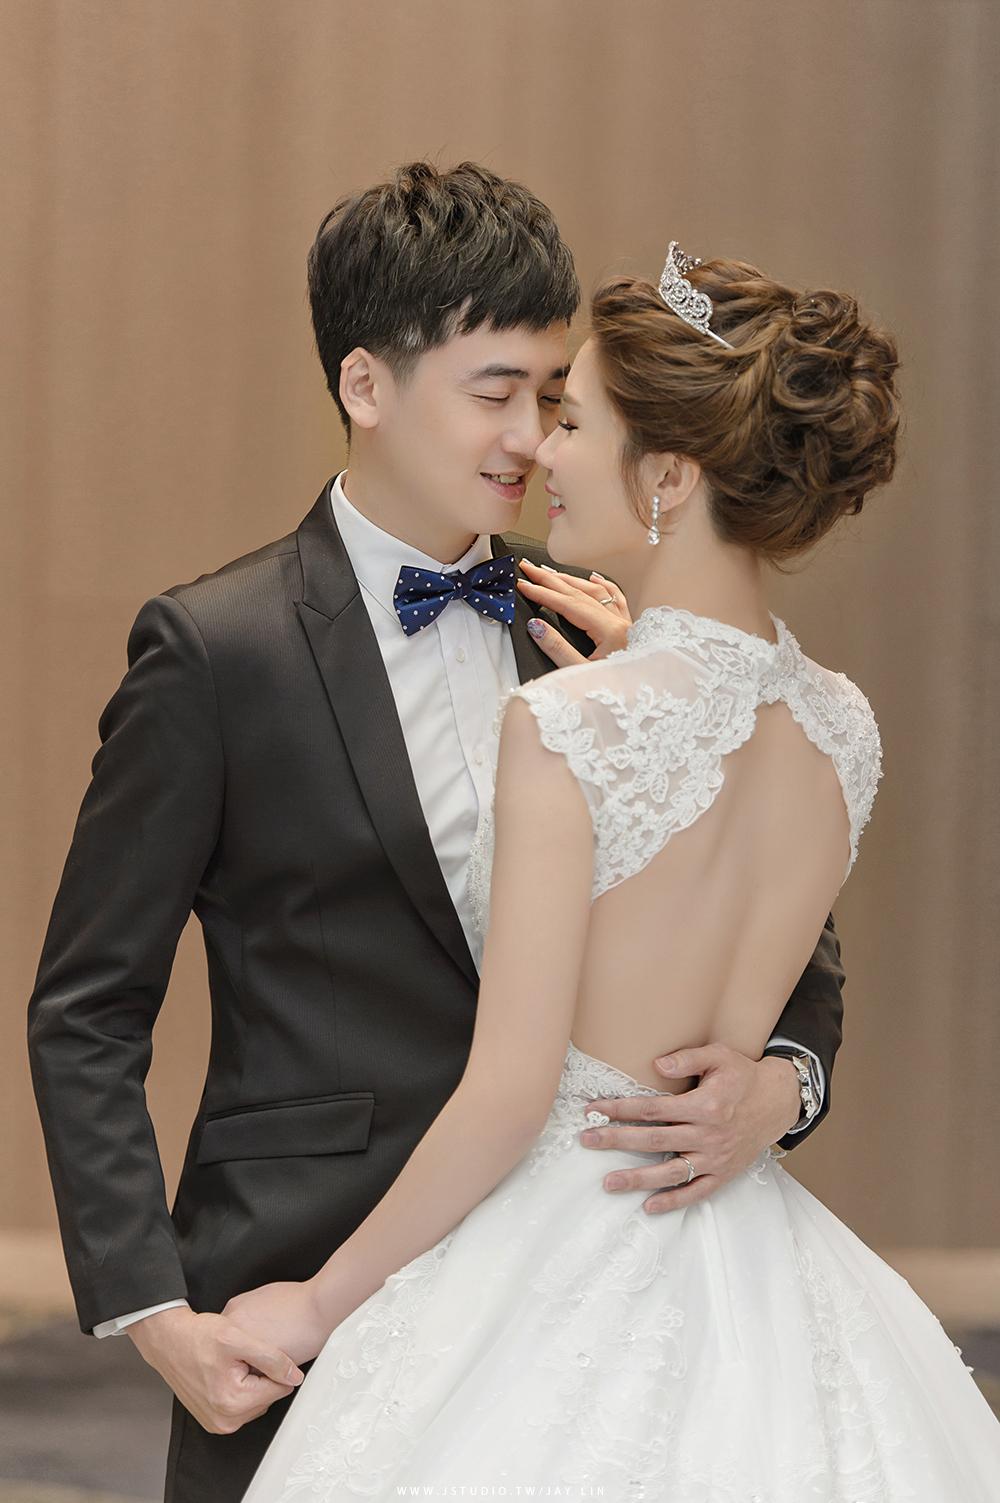 婚攝 台北婚攝 婚禮紀錄 婚攝 推薦婚攝 格萊天漾 JSTUDIO_0166